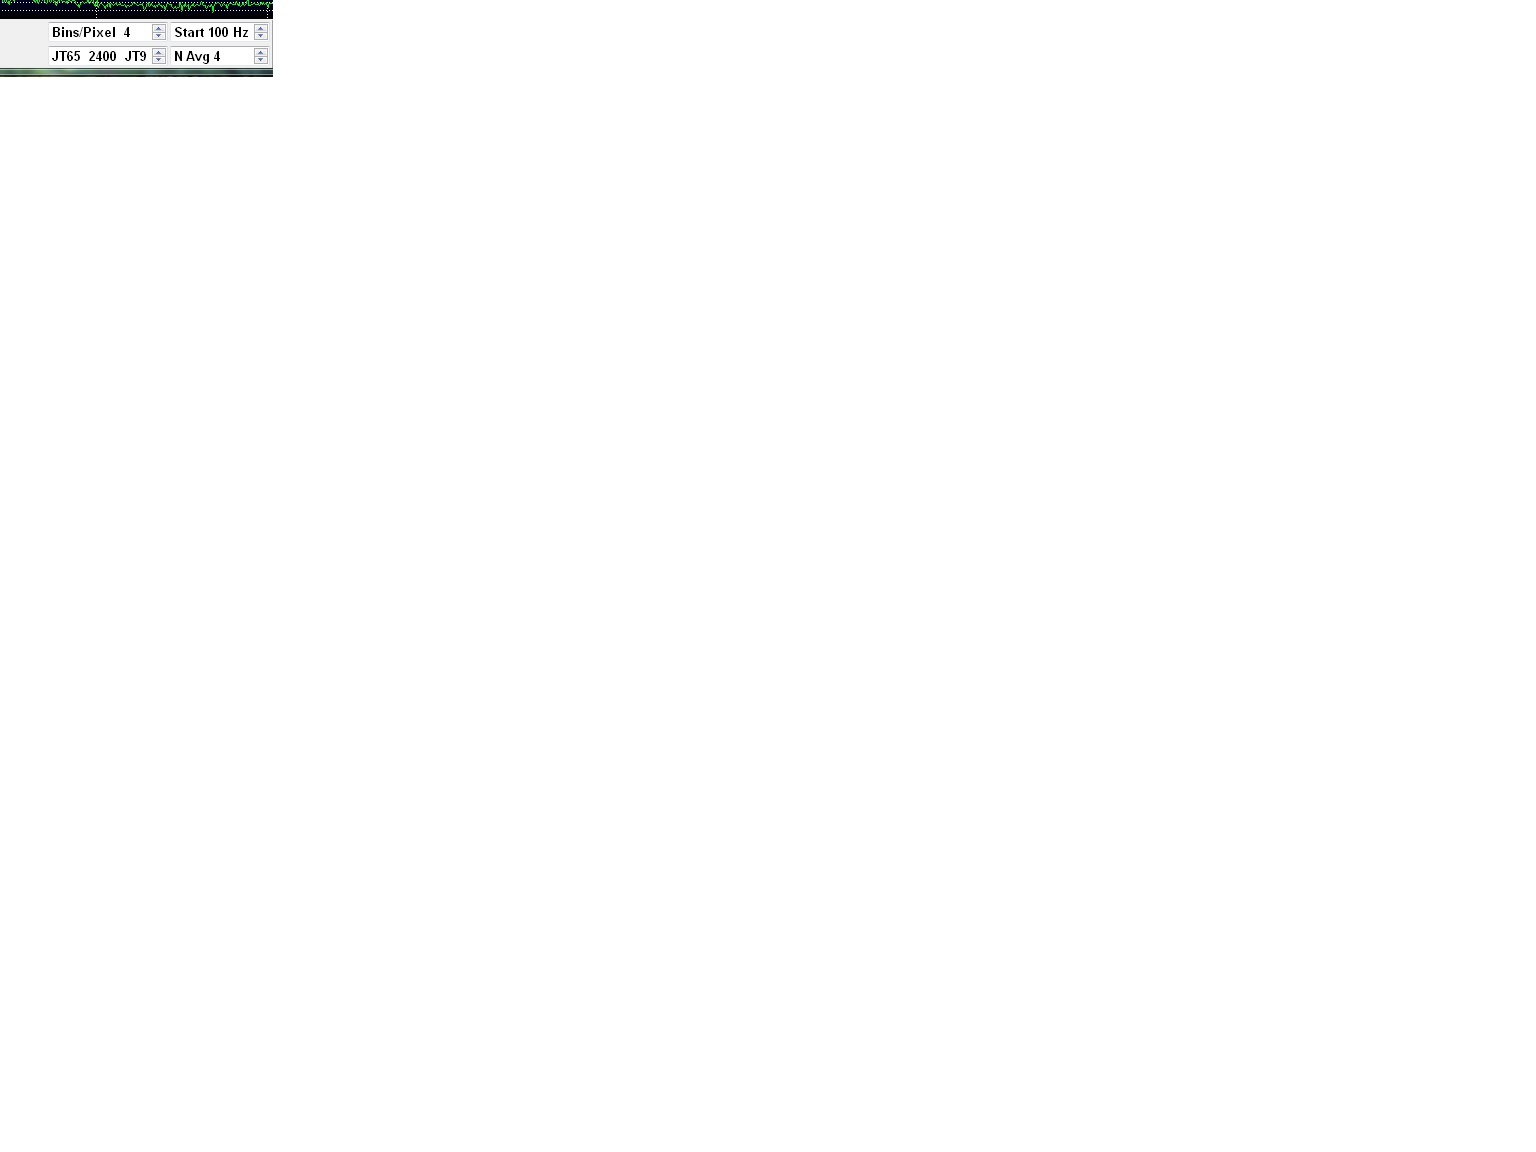 Нажмите на изображение для увеличения.  Название:JT9.jpg Просмотров:98 Размер:40.9 Кб ID:199538